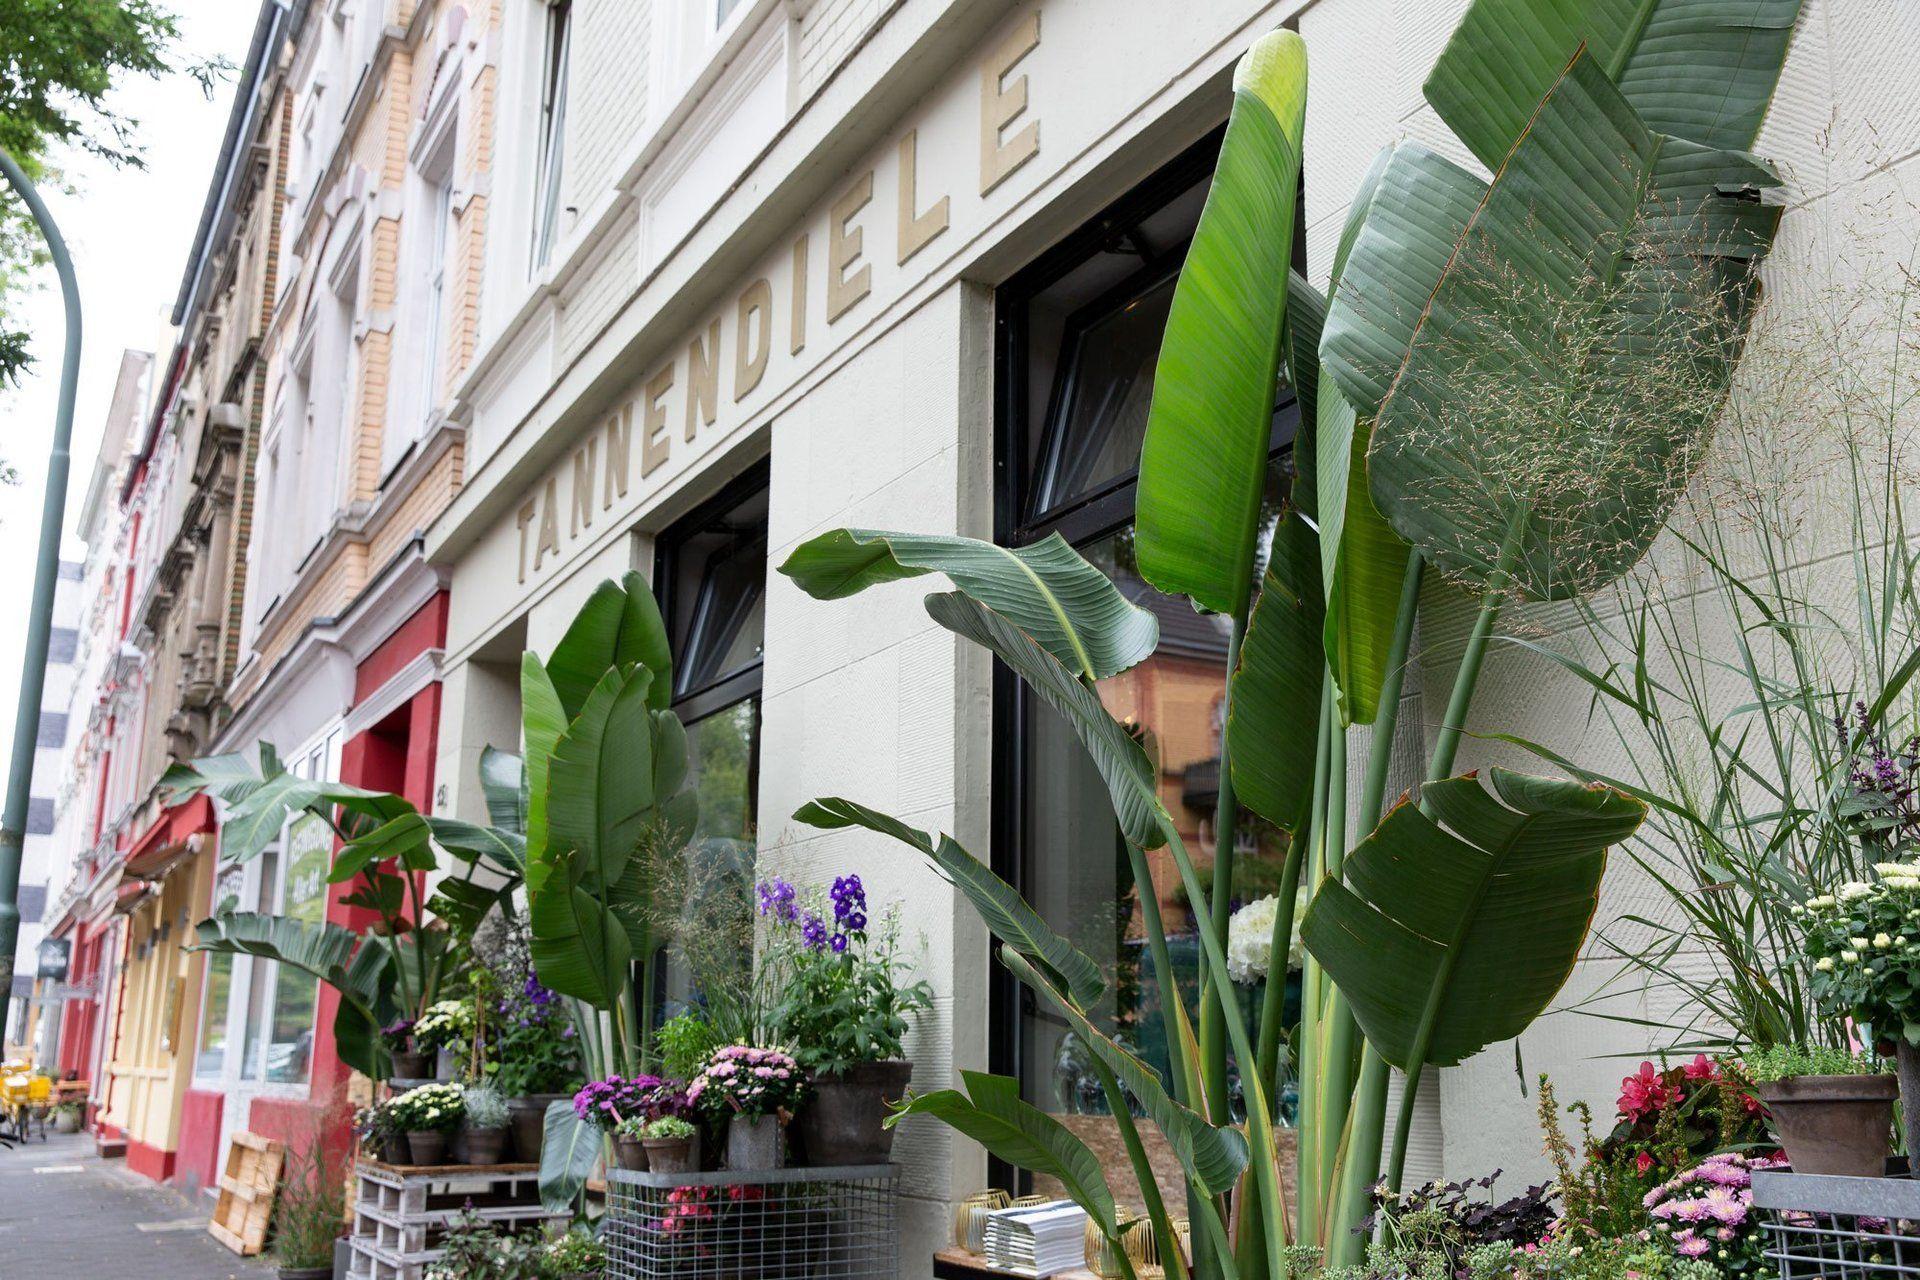 Tannendiele I Mr. Düsseldorf Düsseldorf stellt sich vor: Tannenstraße I Topliste